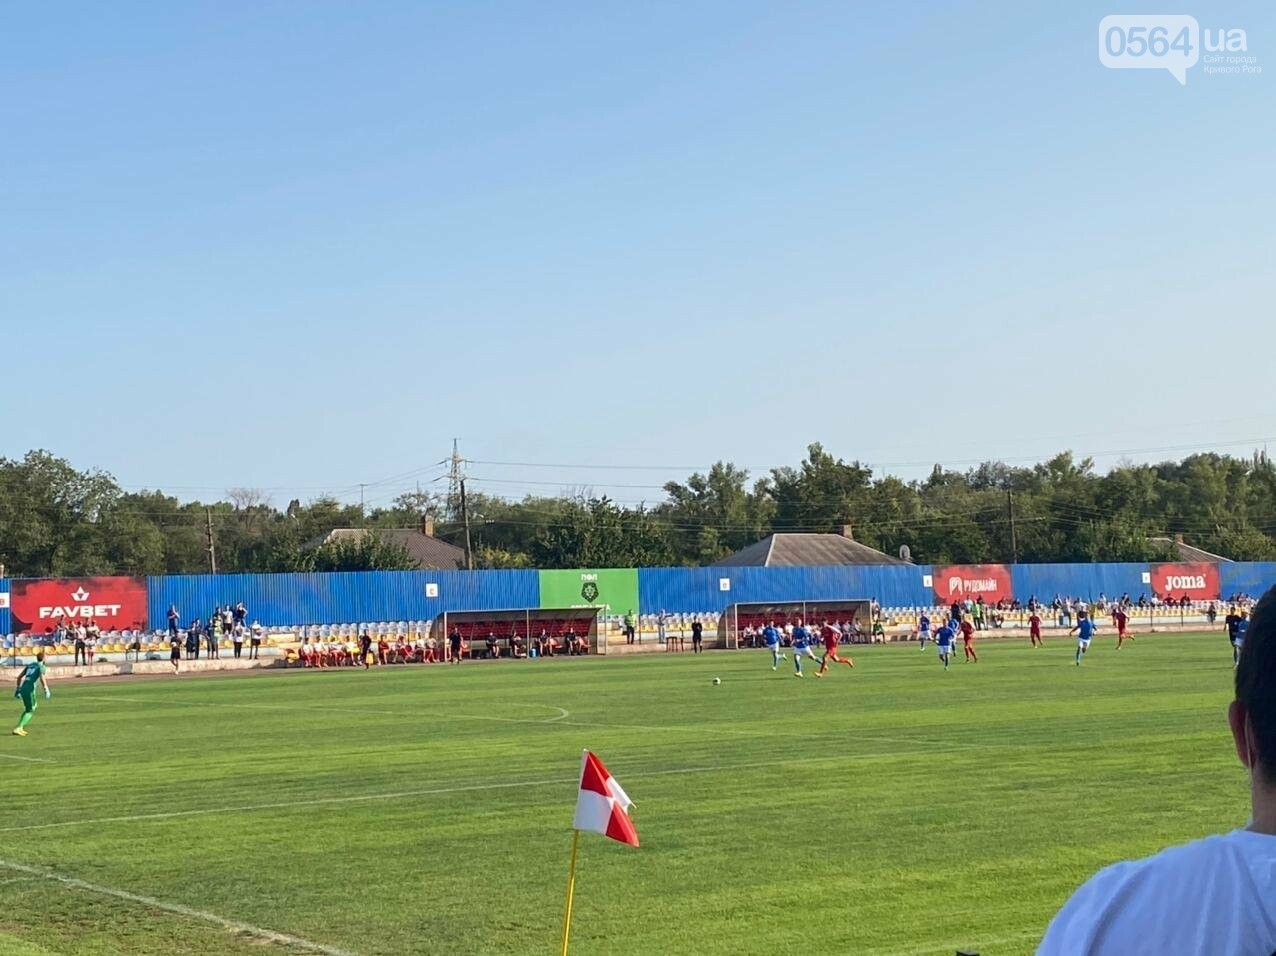 В Кривом Роге начался матч между ФК «Кривбасс» и ФК «Таврия»,  - ФОТО, ВИДЕО, фото-10